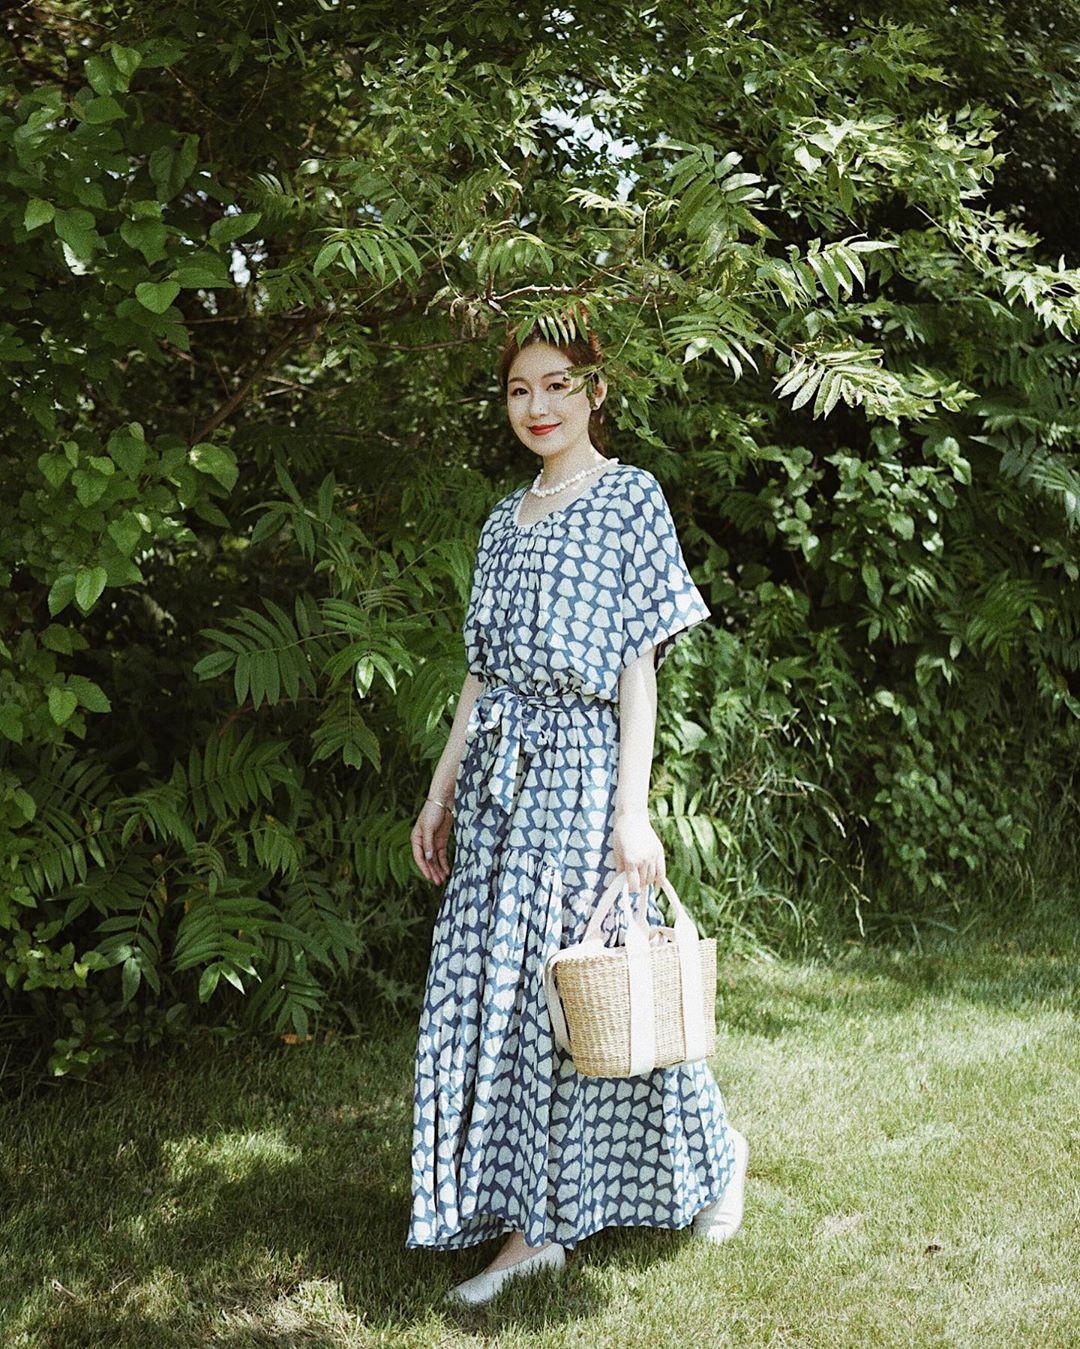 Không kiểu váy nào vượt qua được váy dáng dài về độ sang chảnh, yêu kiều và hợp rơ với tiết trời se lạnh-15